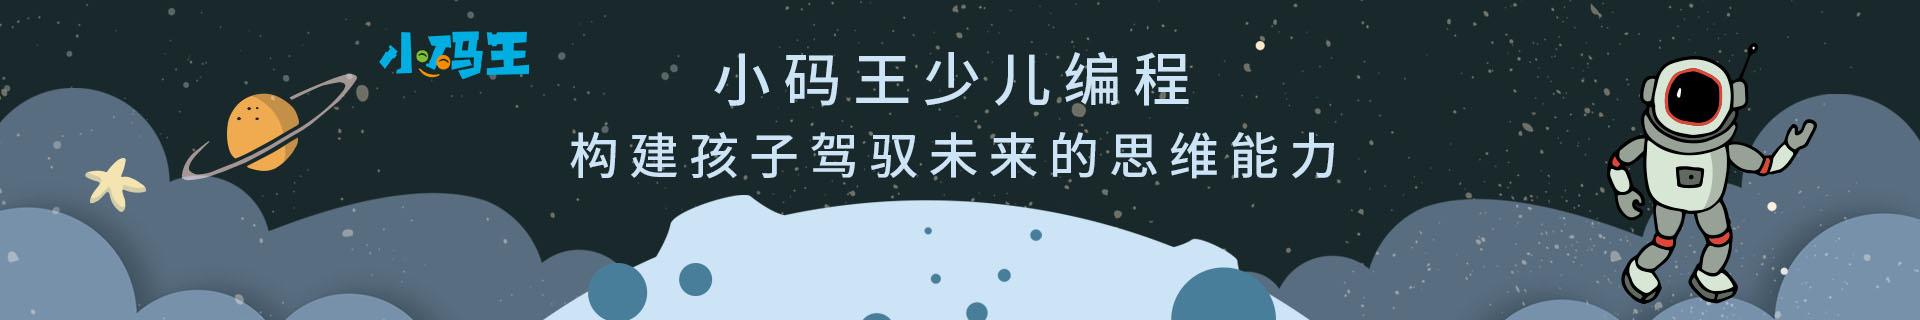 青岛市南海航万邦小码王少儿编程培训机构